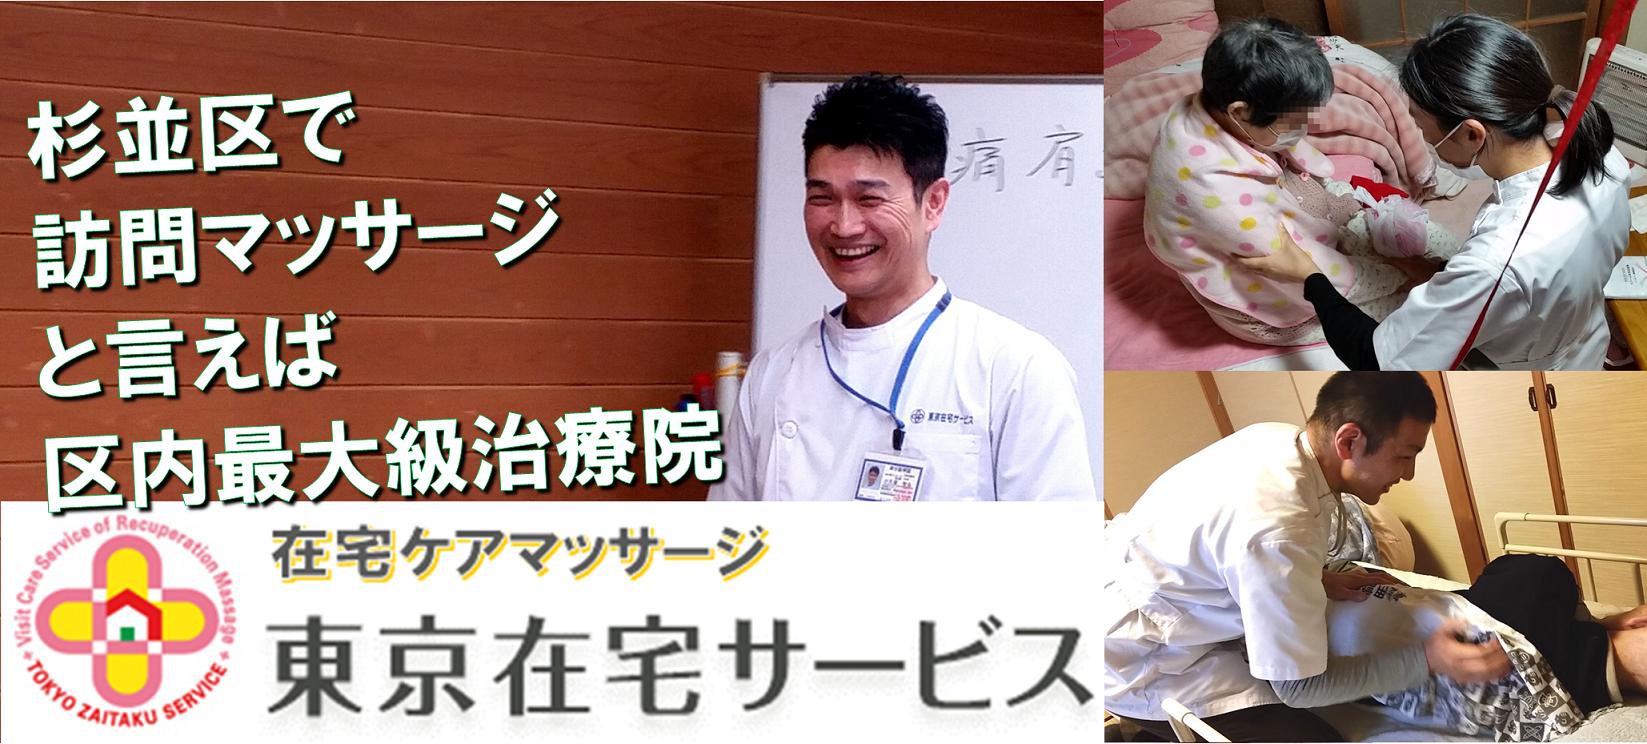 杉並区訪問マッサージ東京在宅サービスTOP画像4